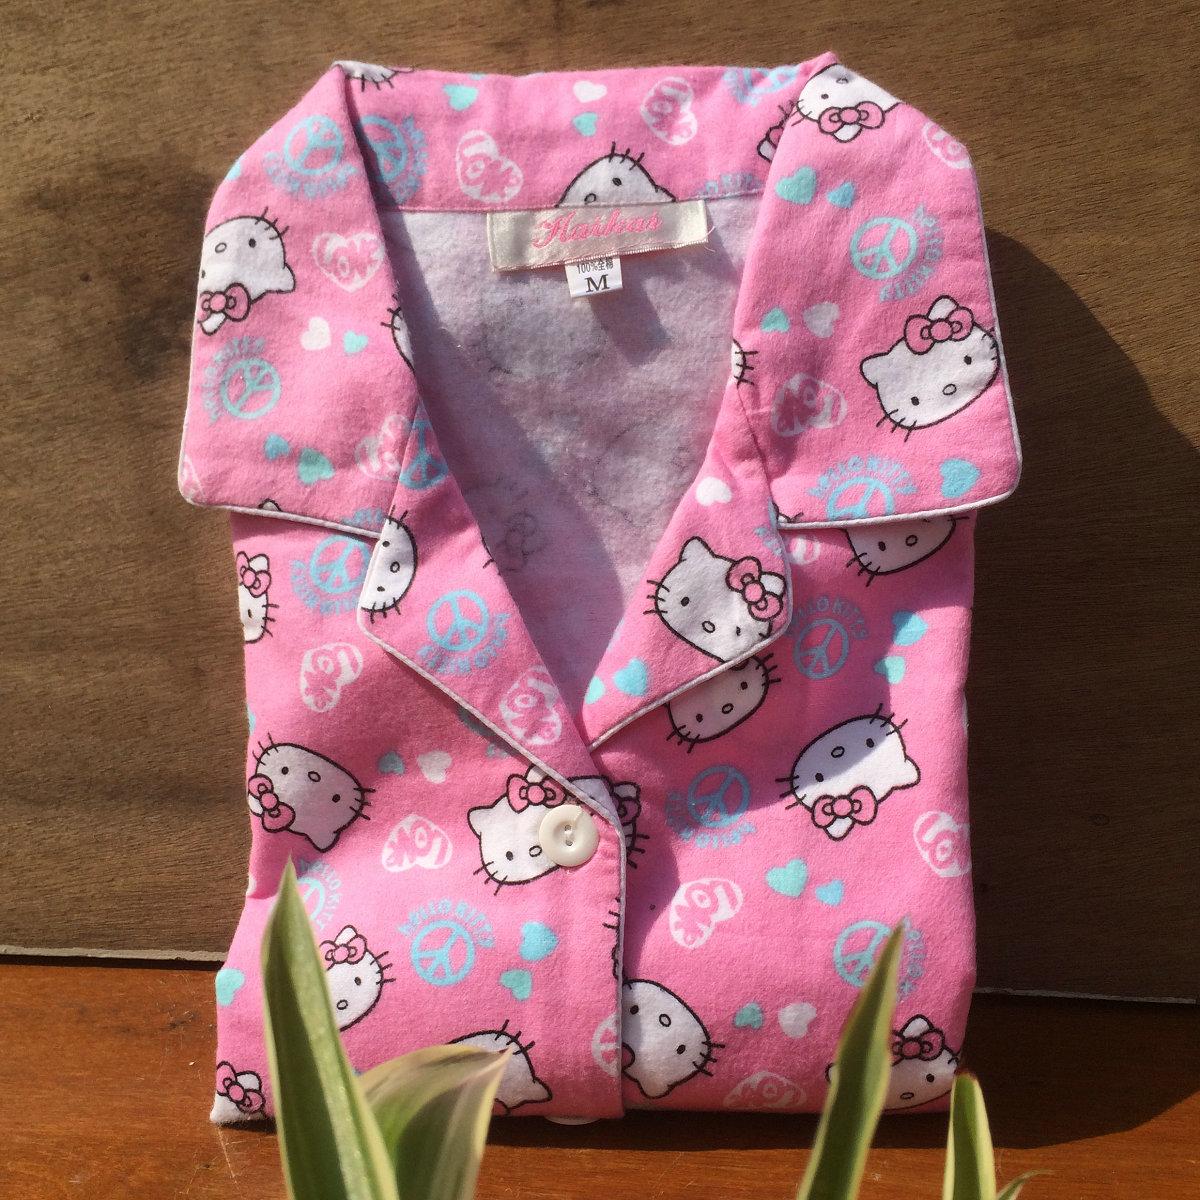 包邮女士磨毛绒布粉色凯蒂猫 kitty长袖全棉布睡衣两件套装家居服